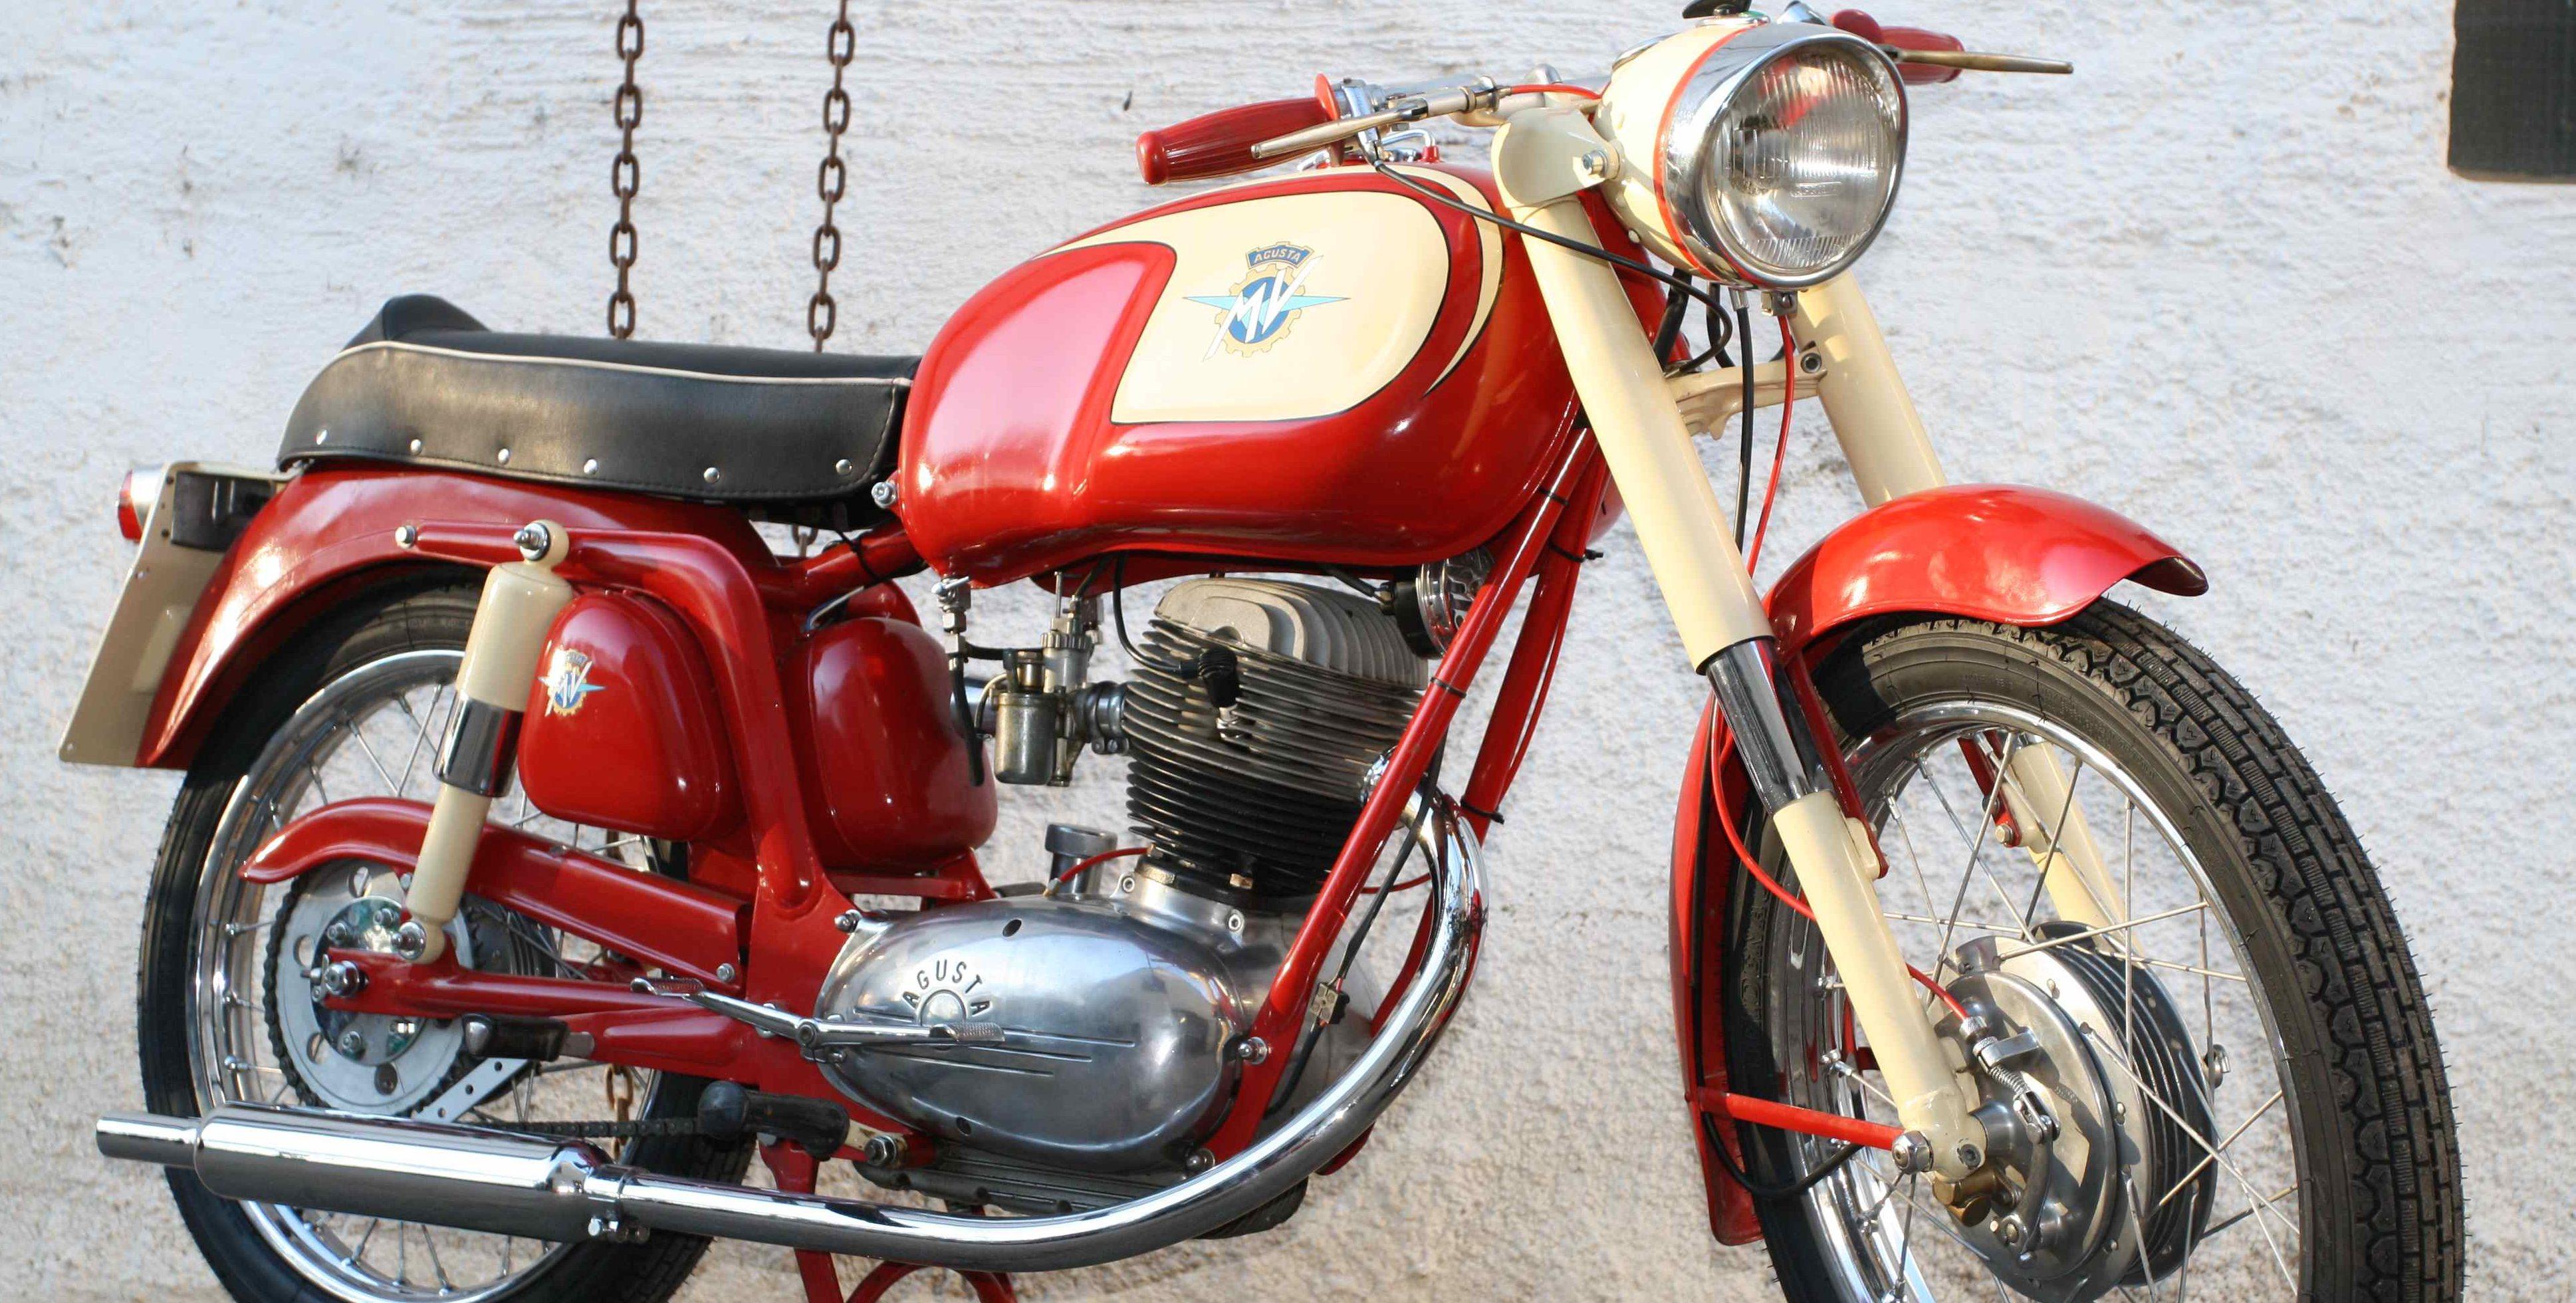 MV Agusta 150 Sport, Baujahr 1965, komplett restauriert